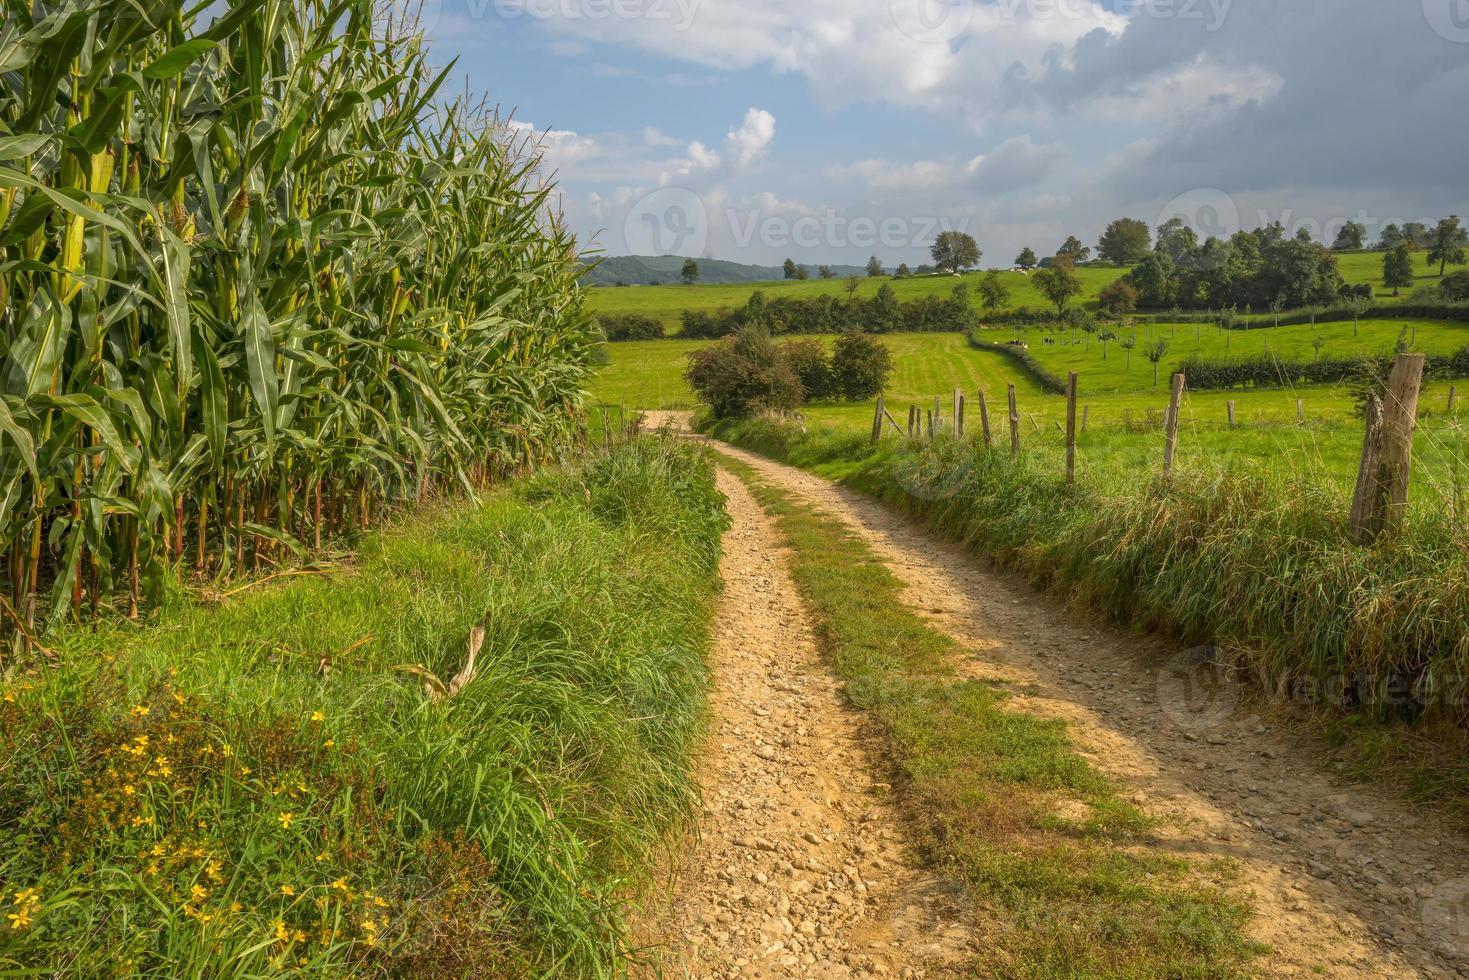 majs växer på ett fält på sommaren foto